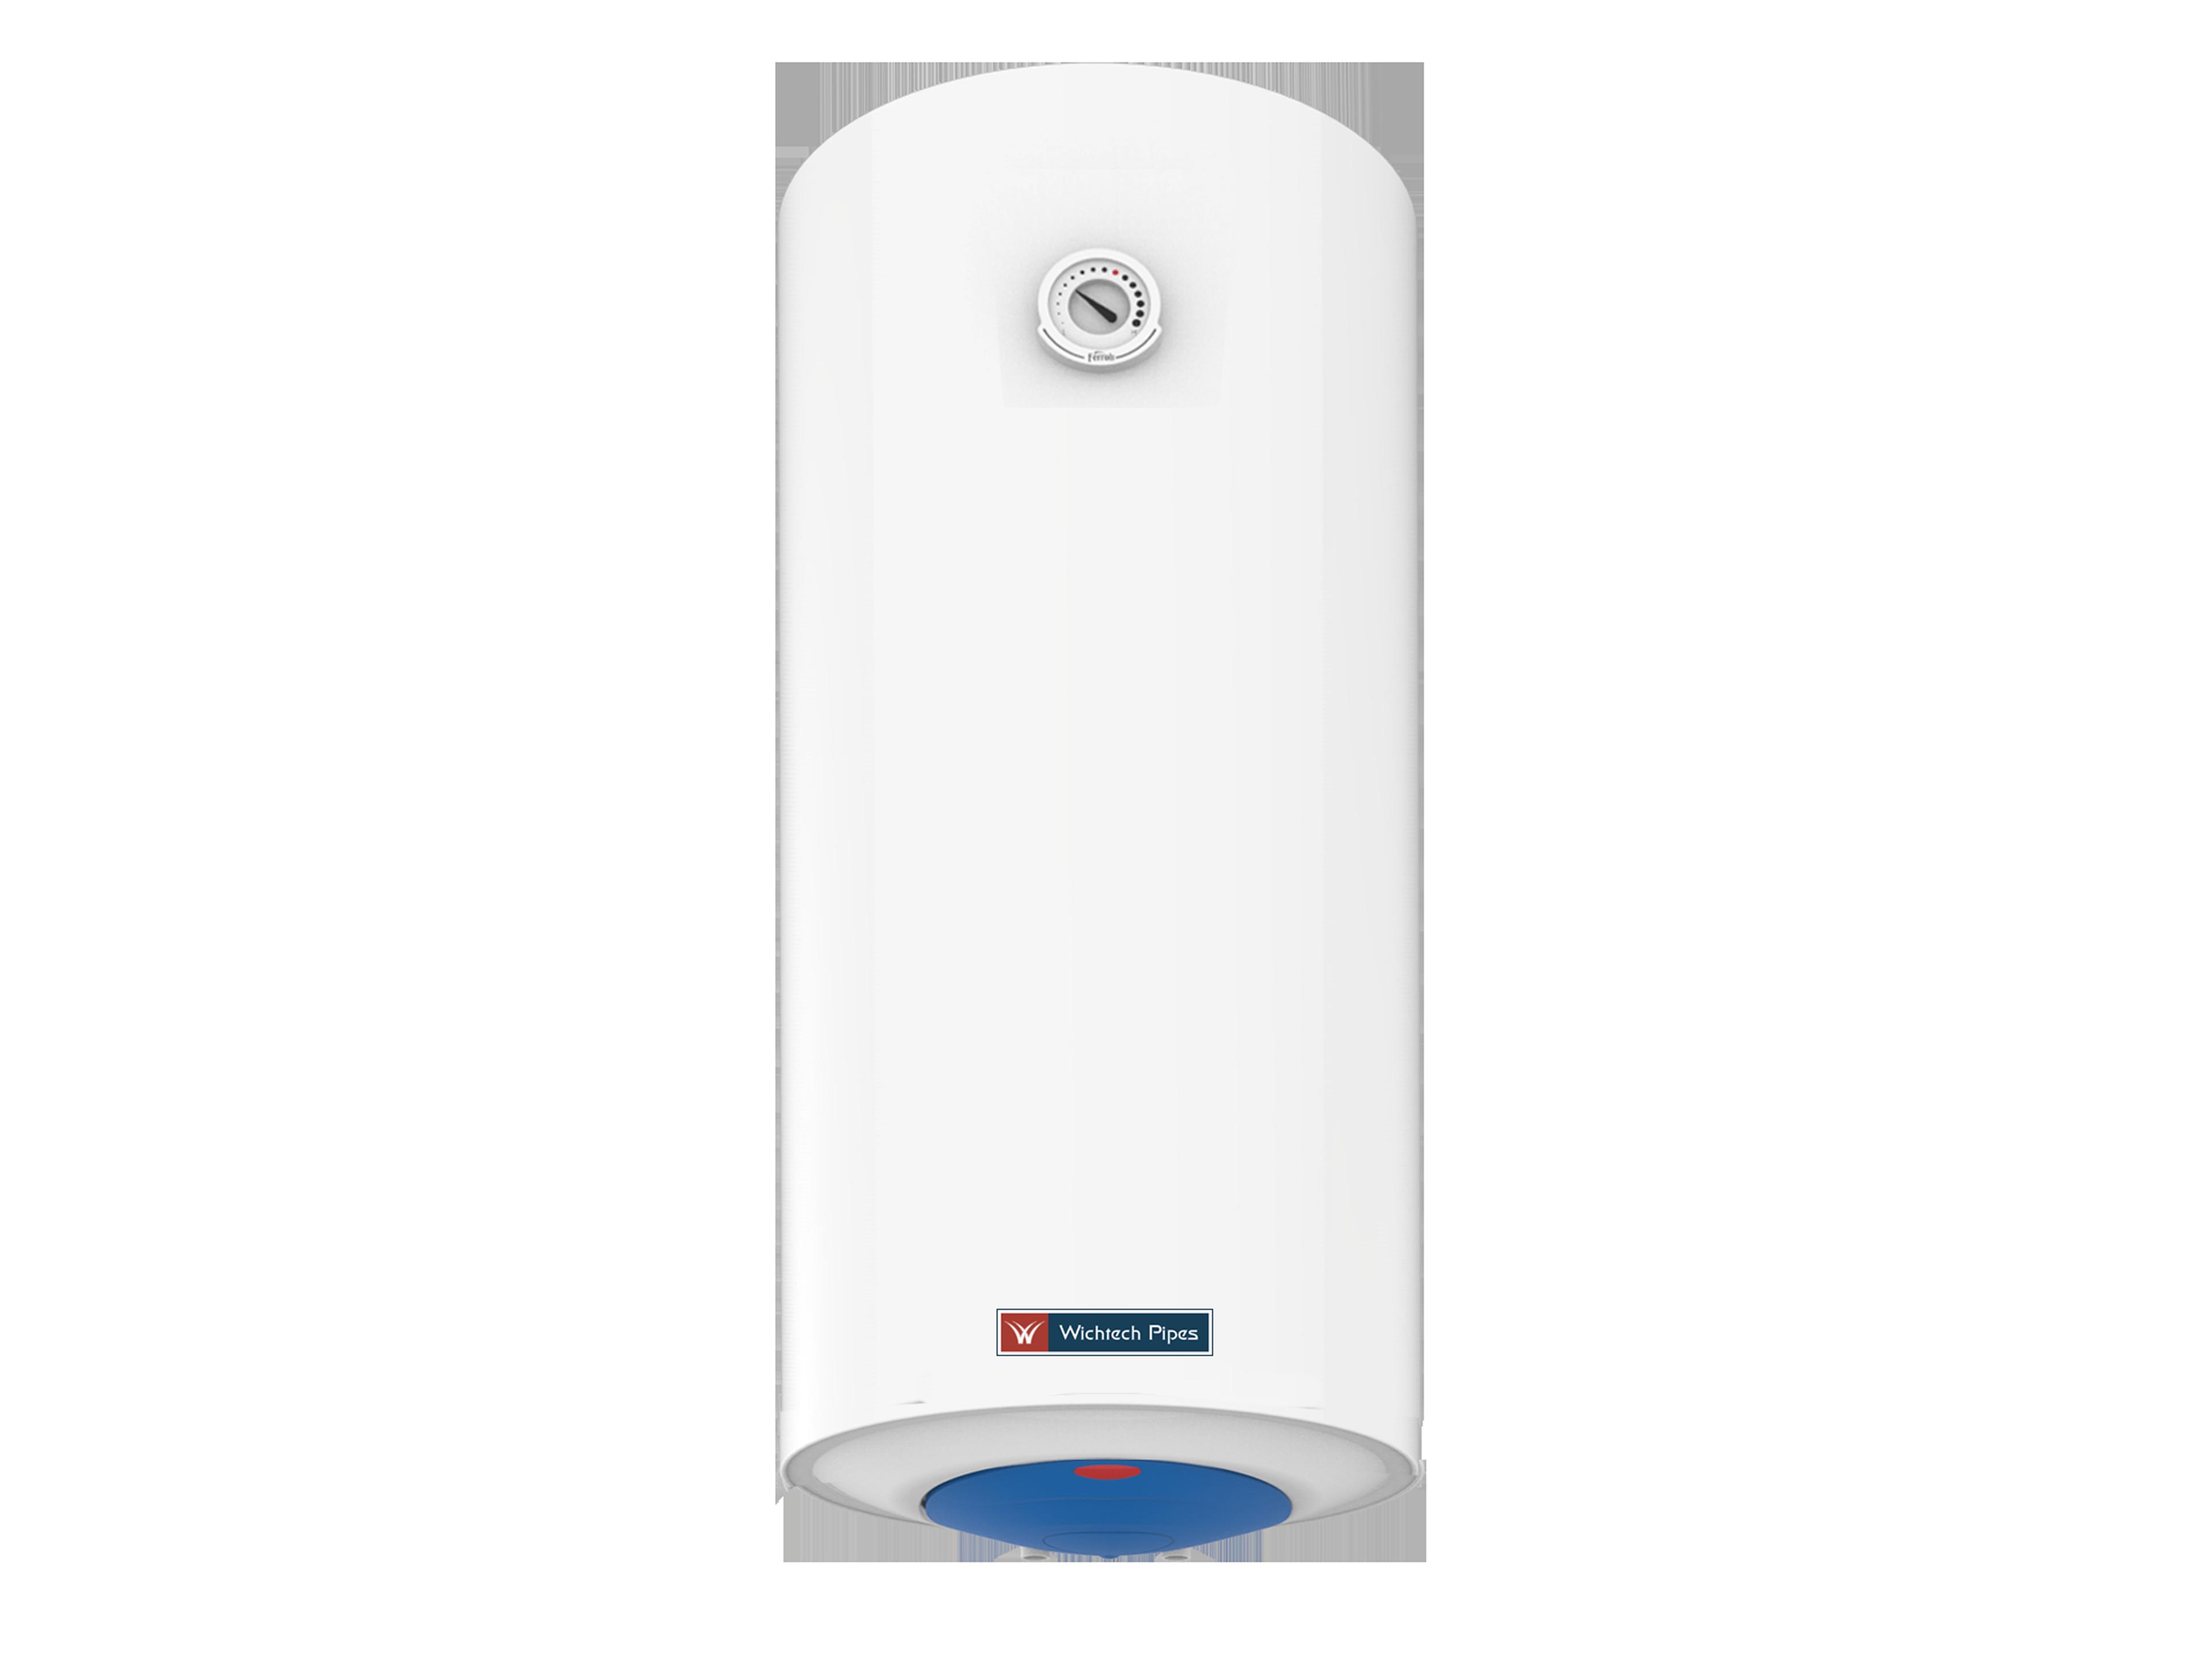 Calypso-150L-Water-Heater-002-tilted